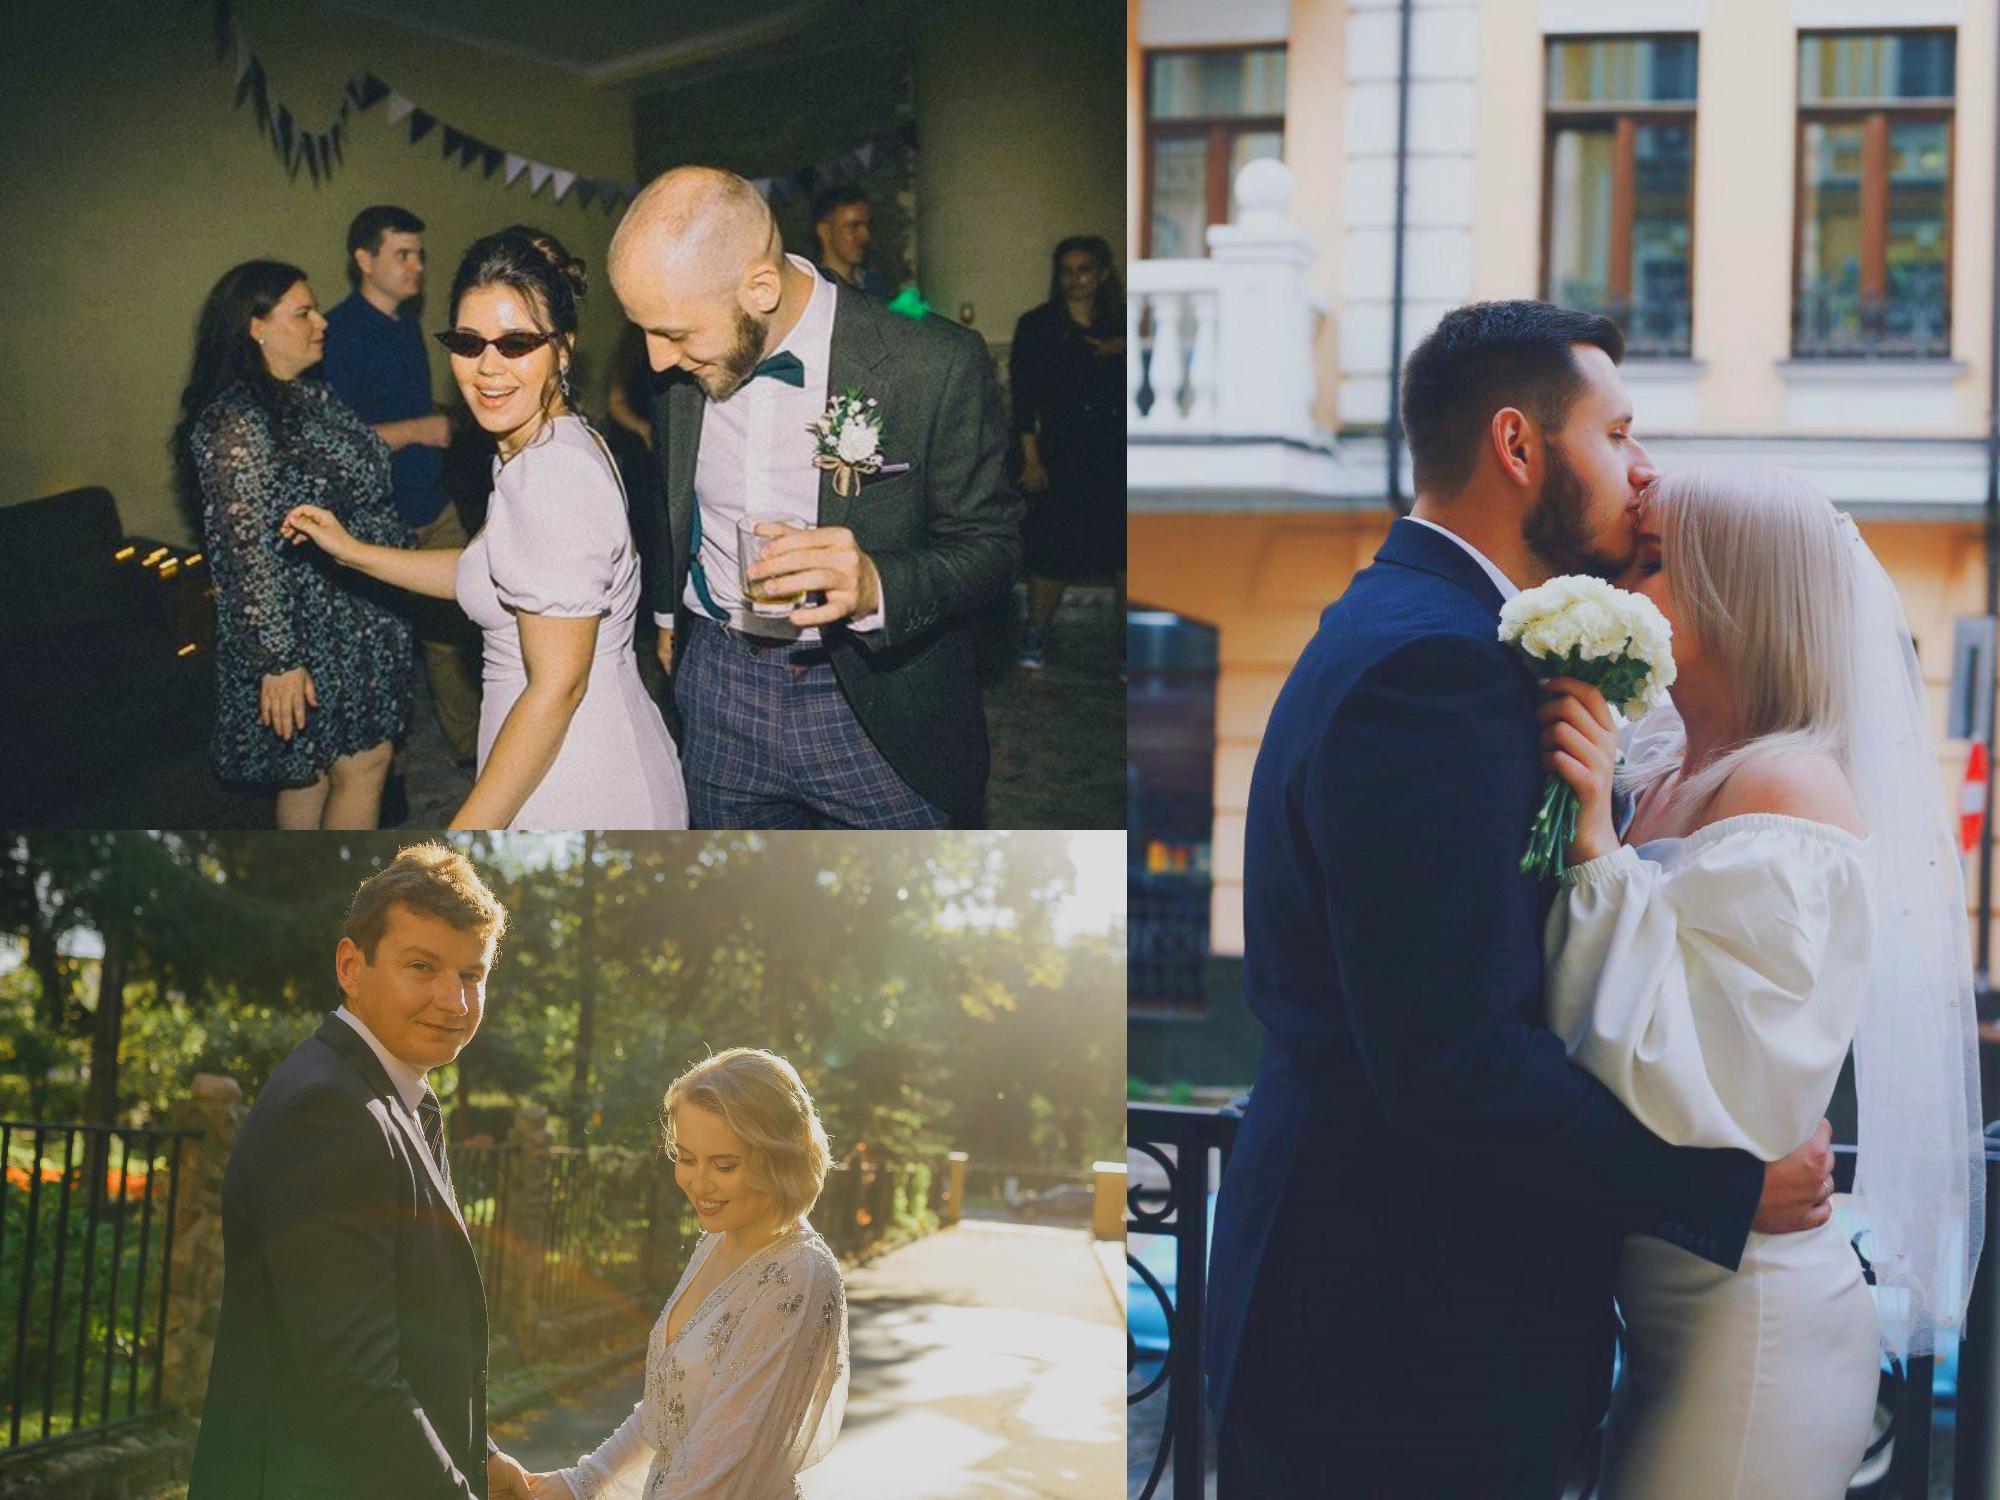 Пересечение границ, любовь и справки: это люди, которые сыграли свадьбы во время карантина